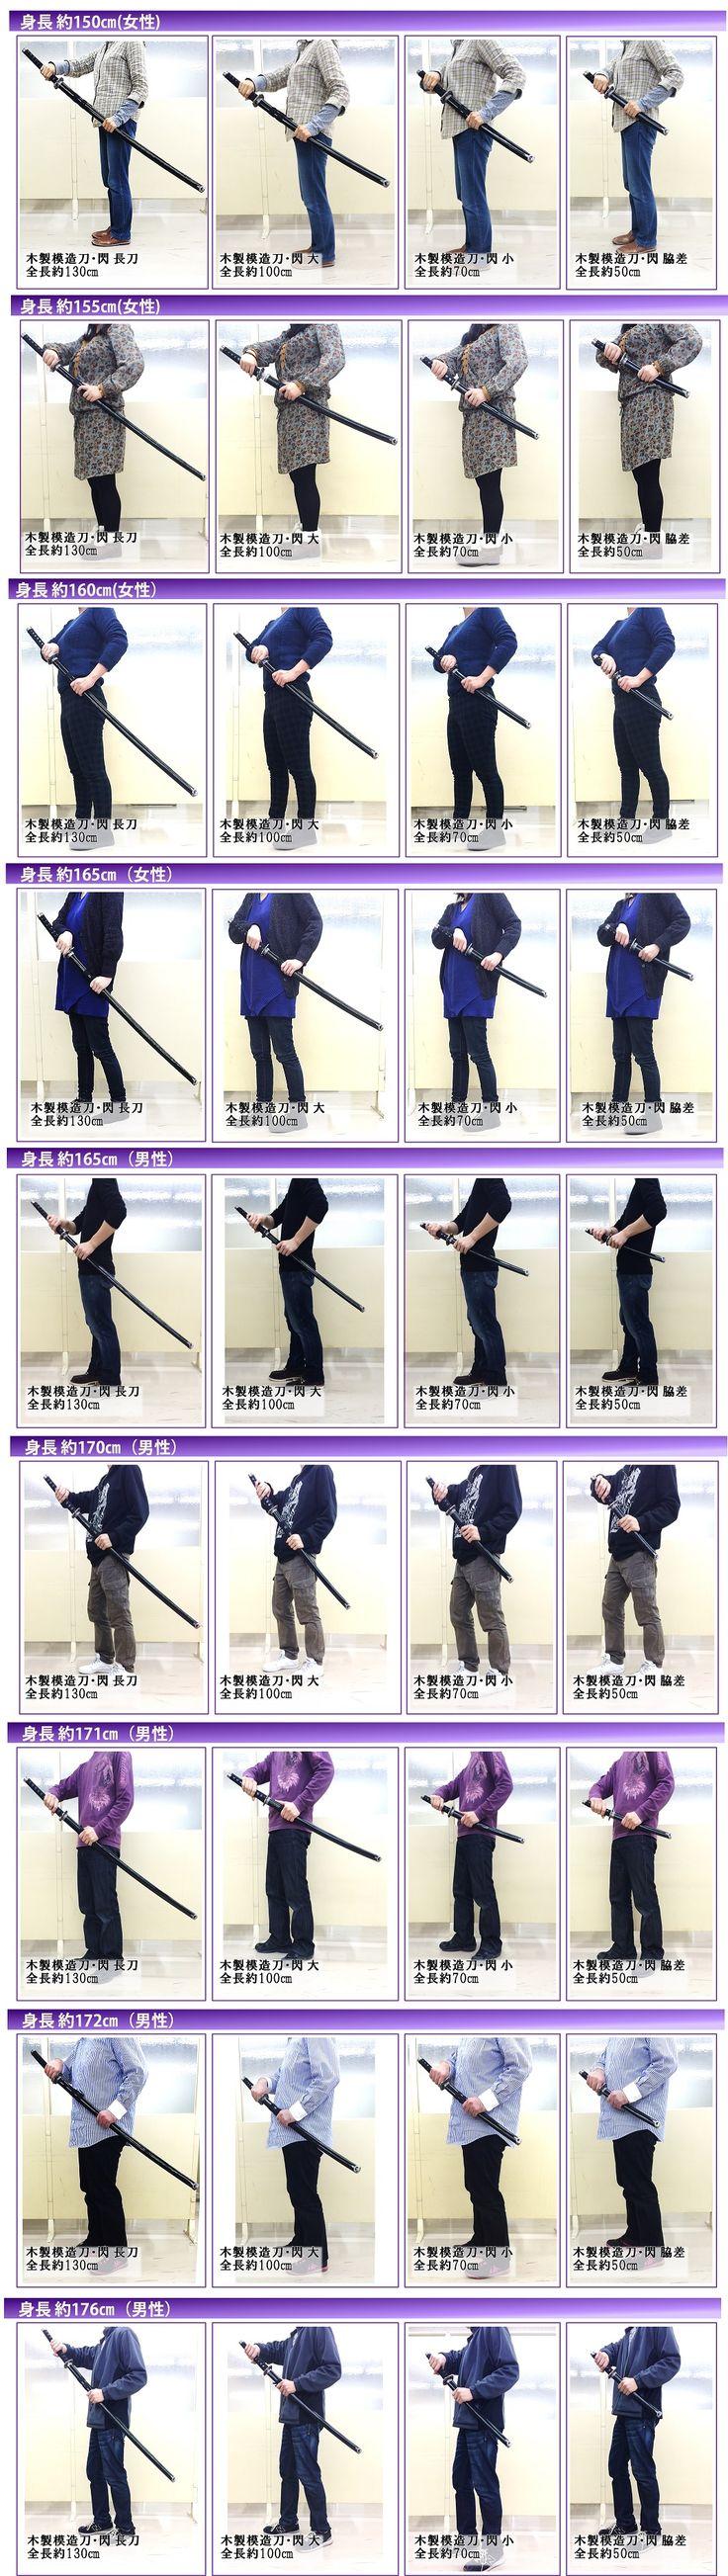 株式会社コアデ » 木製模造刀・閃シリーズ 身長別サイズ比較